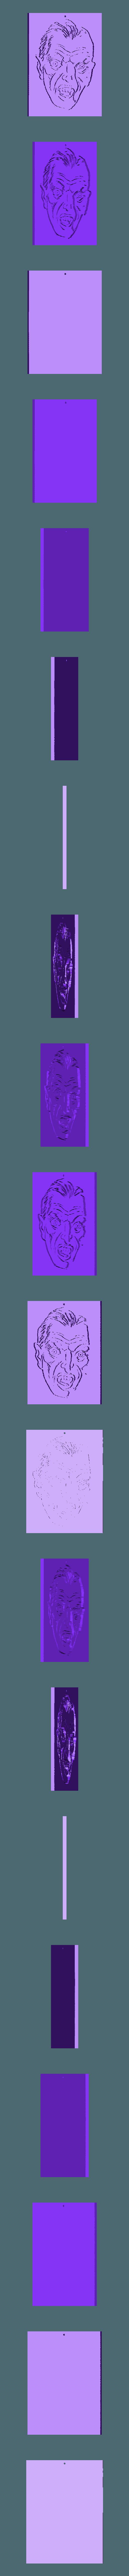 Dracula.stl Télécharger fichier STL gratuit Dracula • Objet pour impression 3D, oasisk